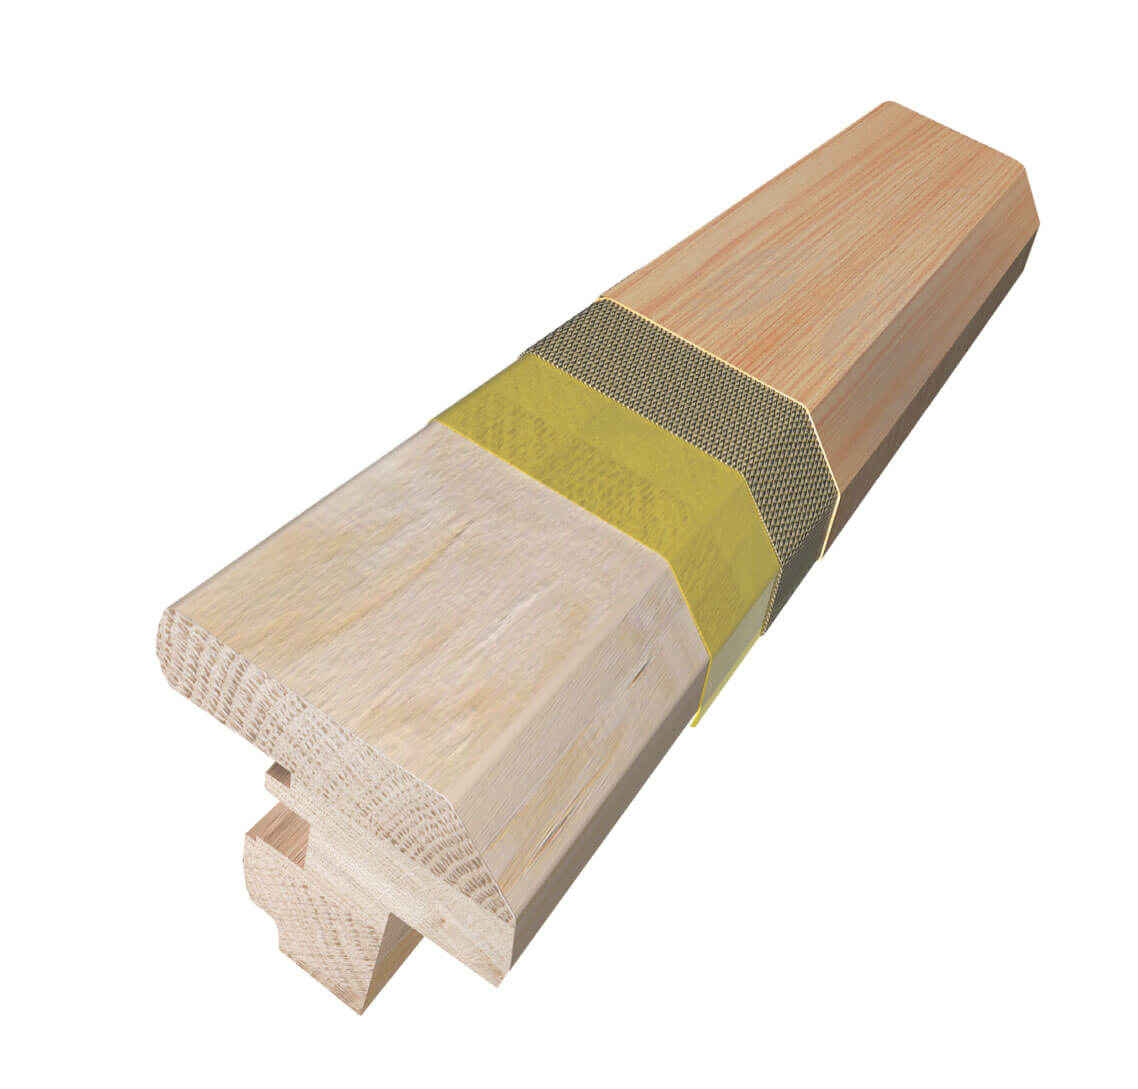 prix baie coulissante mixte bois alu sur mesure direct usine pas cher. Black Bedroom Furniture Sets. Home Design Ideas